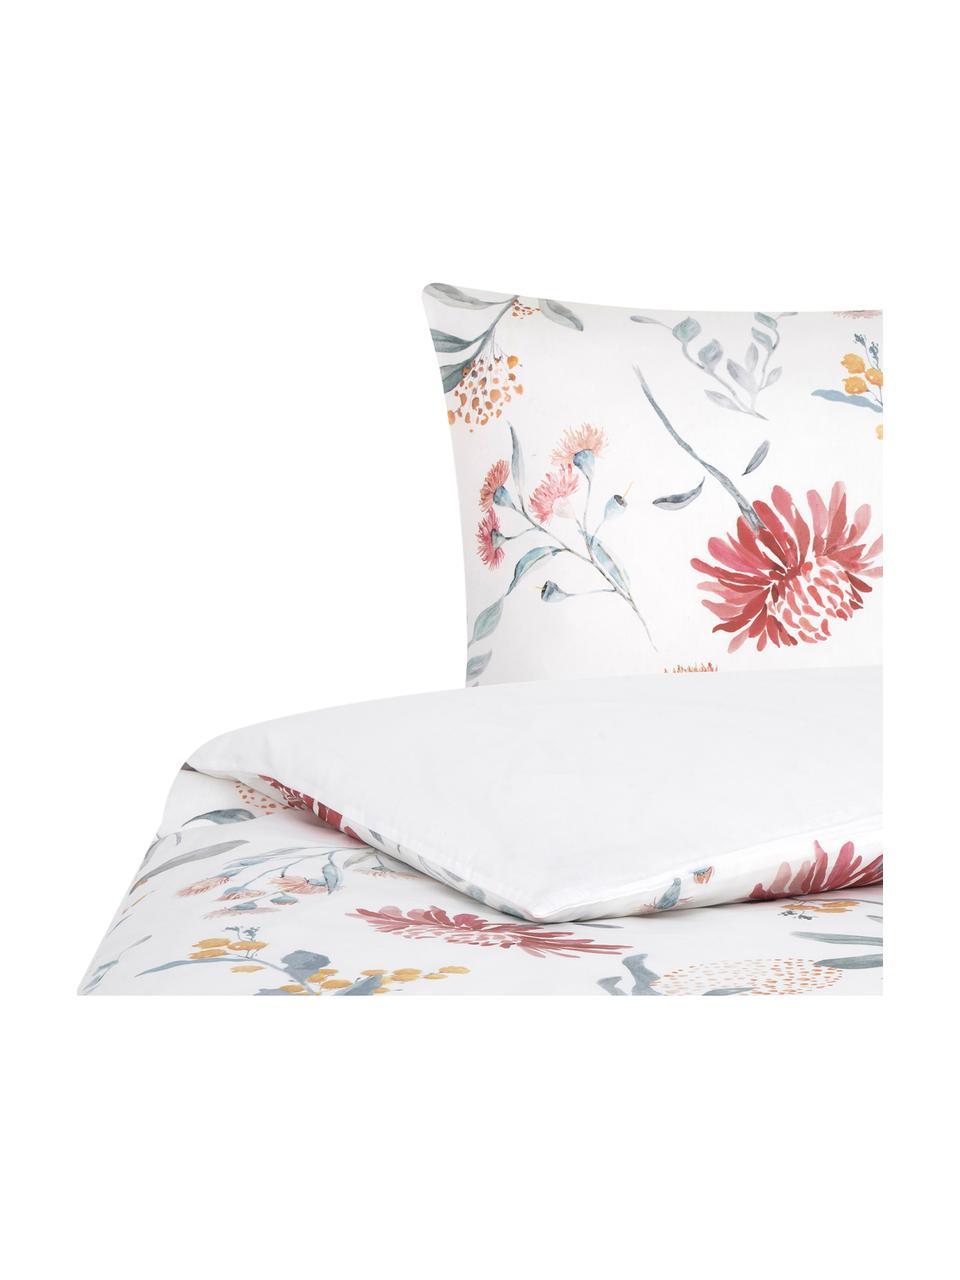 Parure copripiumino reversibile in raso di cotone Evie, Stampa floreale, bianco, 155 x 200 cm + 1 federa 50 x 80 cm